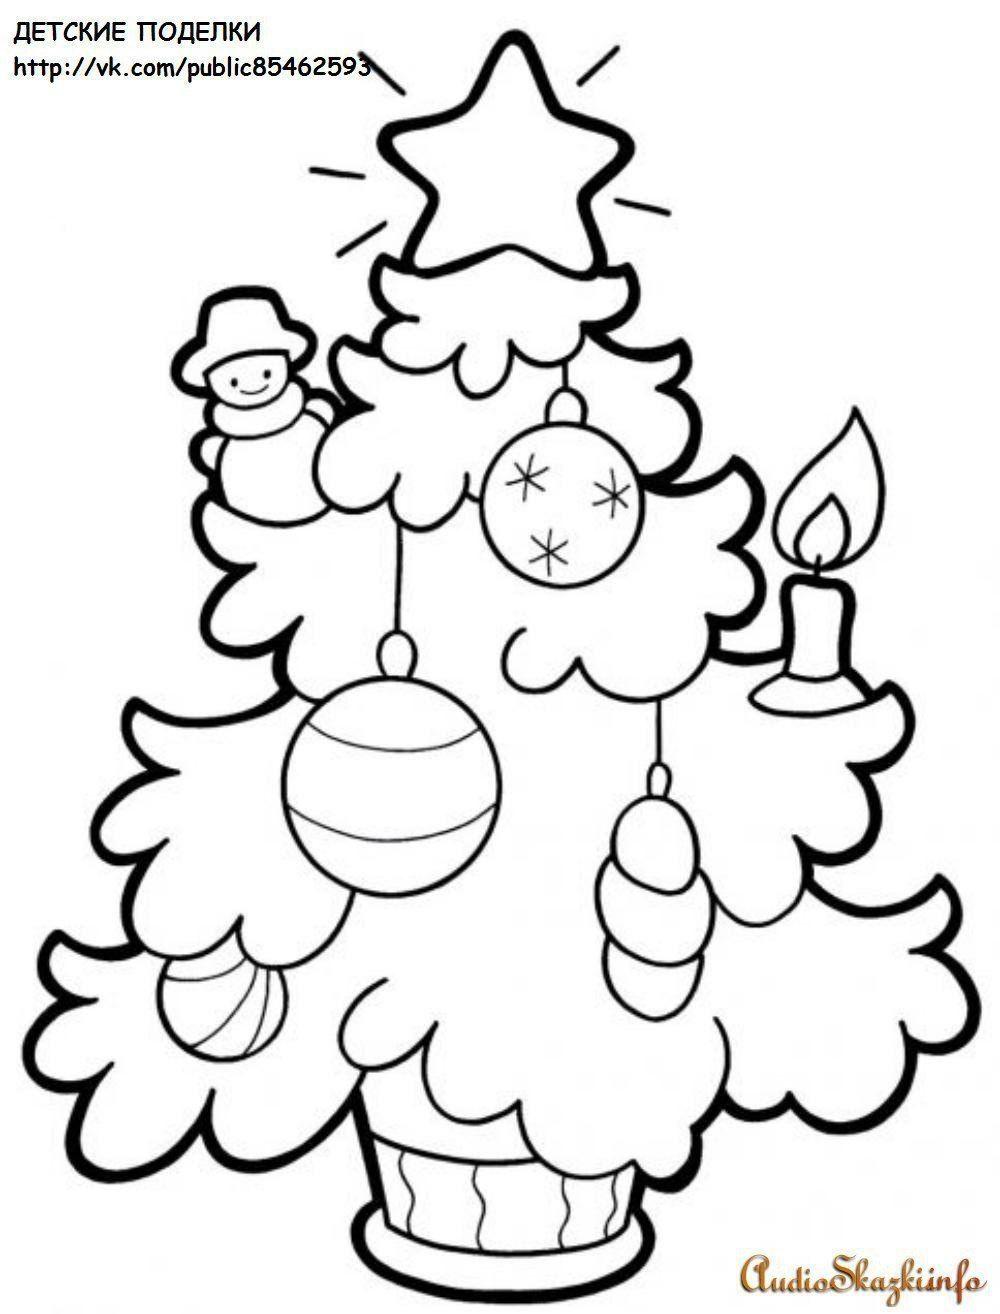 Detskie Podelki Small Christmas Trees Christmas Rock Felt Christmas Printable Christmas Coloring Pages Christmas Tree Coloring Page Christmas Coloring Sheets